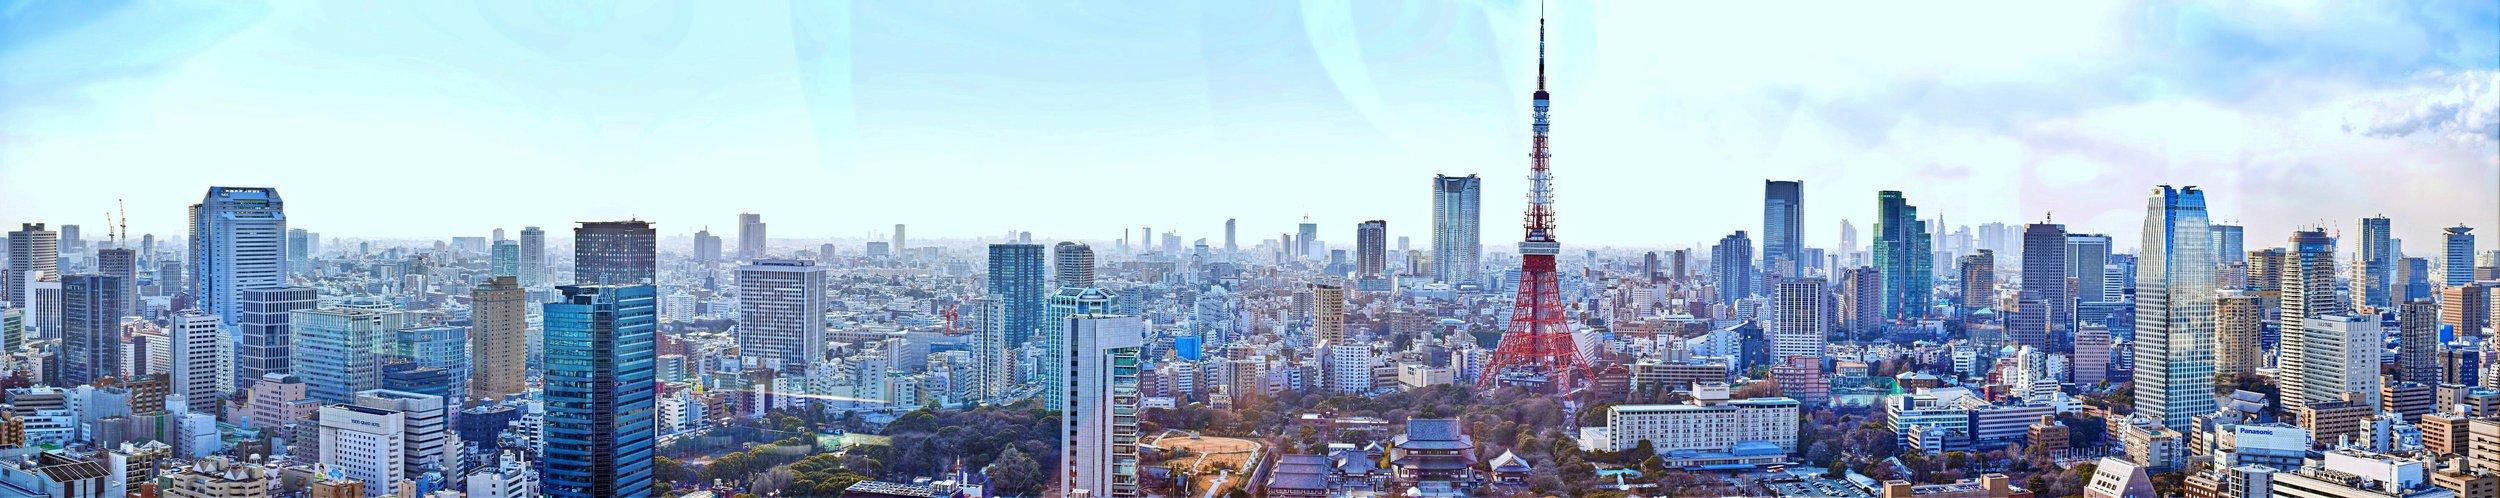 Tokyo_Minato_Panorama.jpg